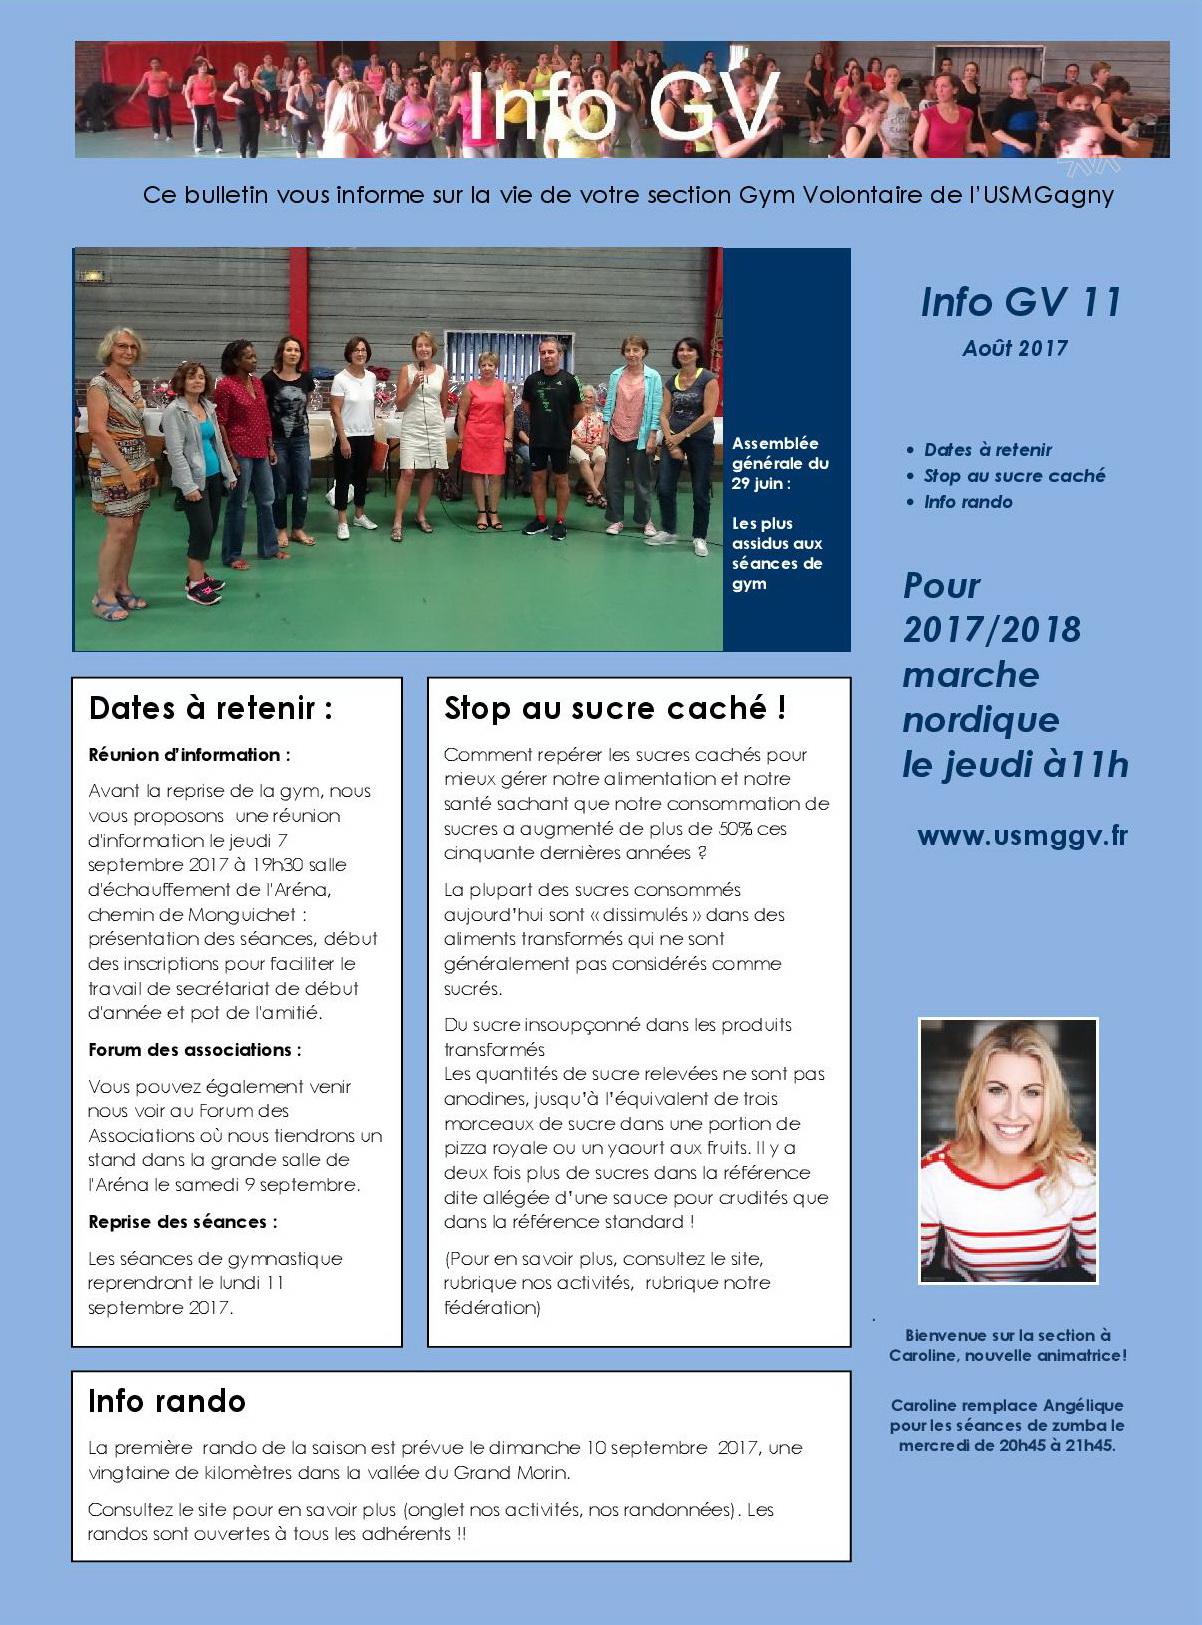 Info gv 11